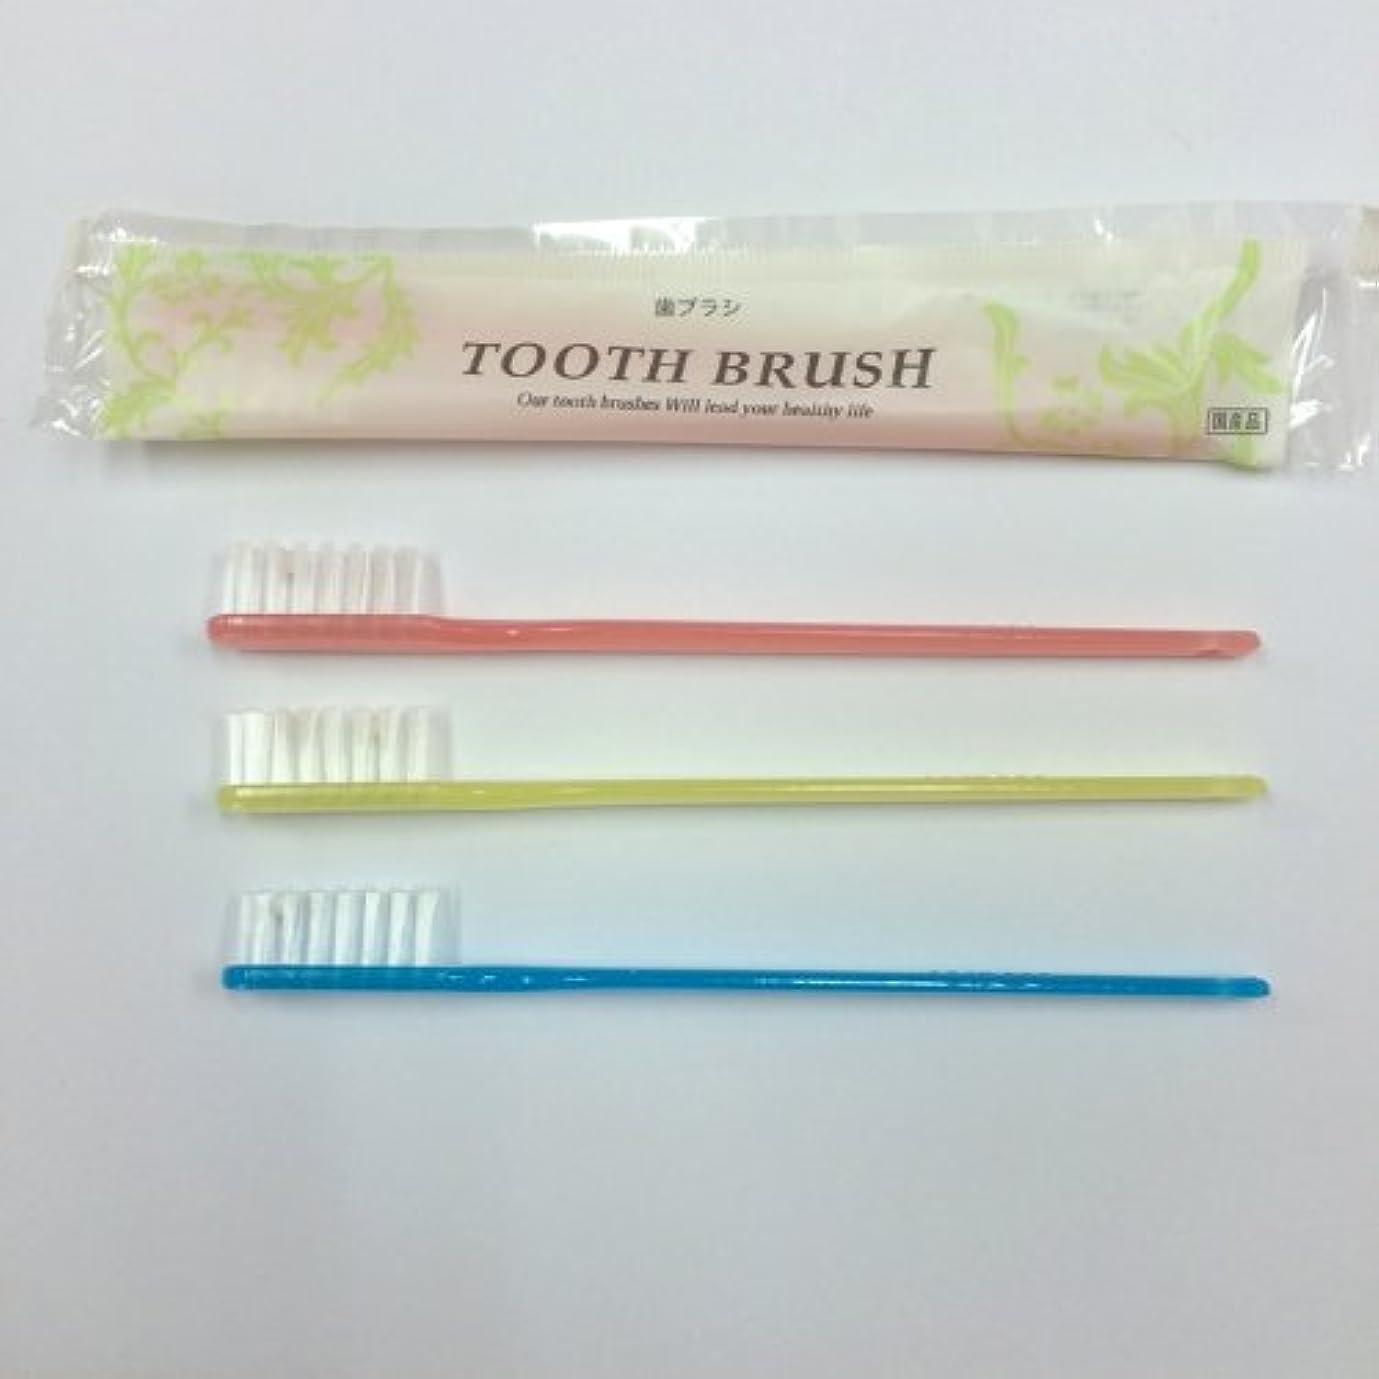 巨大なたっぷり下品インスタント歯ブラシ 3色アソート(ピンク?ブルー?イエロー) 200本